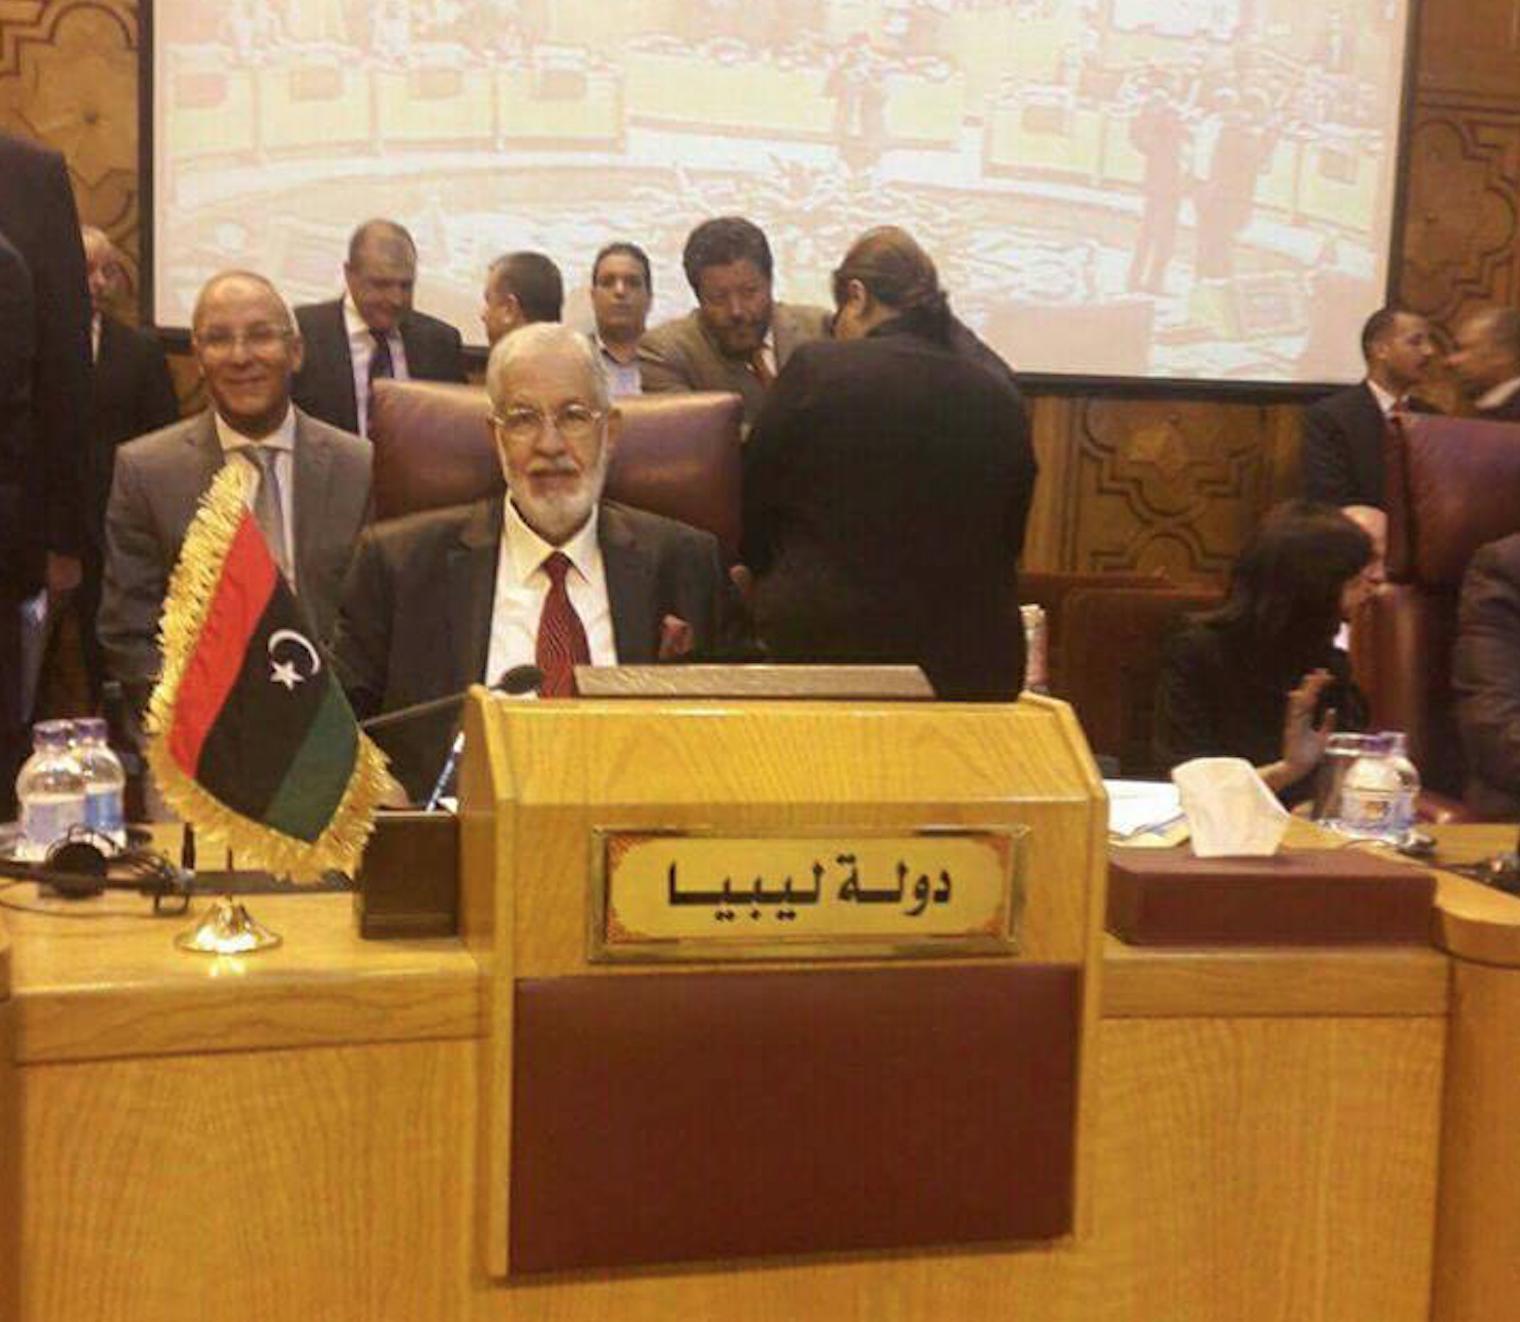 وزير الخارجة المسمى بحكومة الوفاق الوطني، محمد سيالة